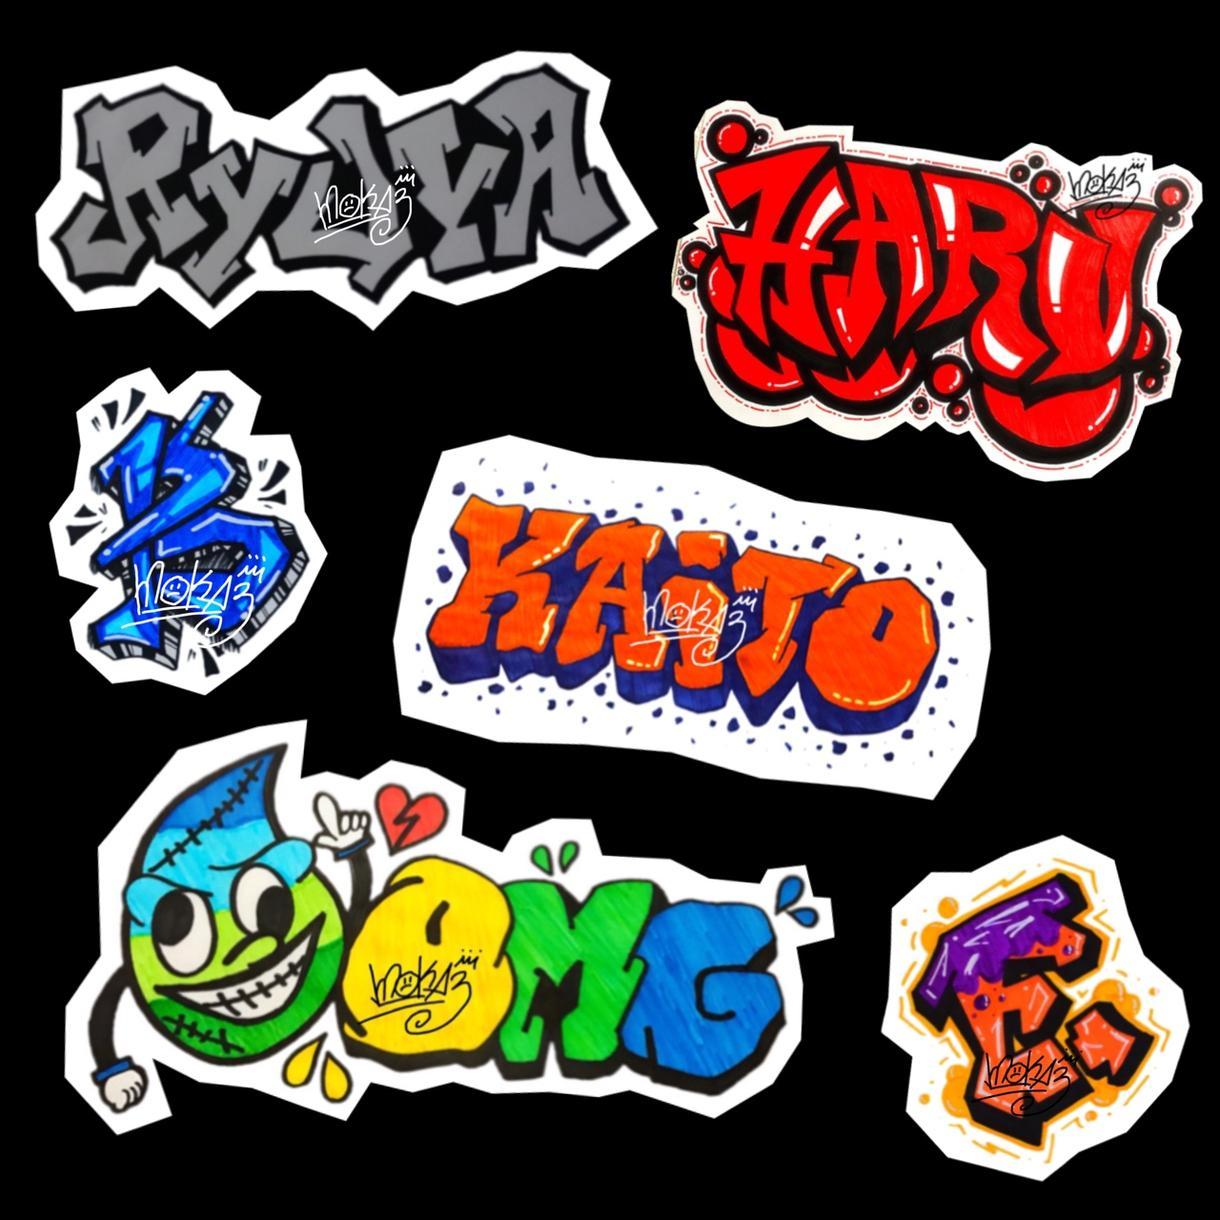 ロゴのデザインをします 名刺やTシャツなどのデザインをお探しの方へ